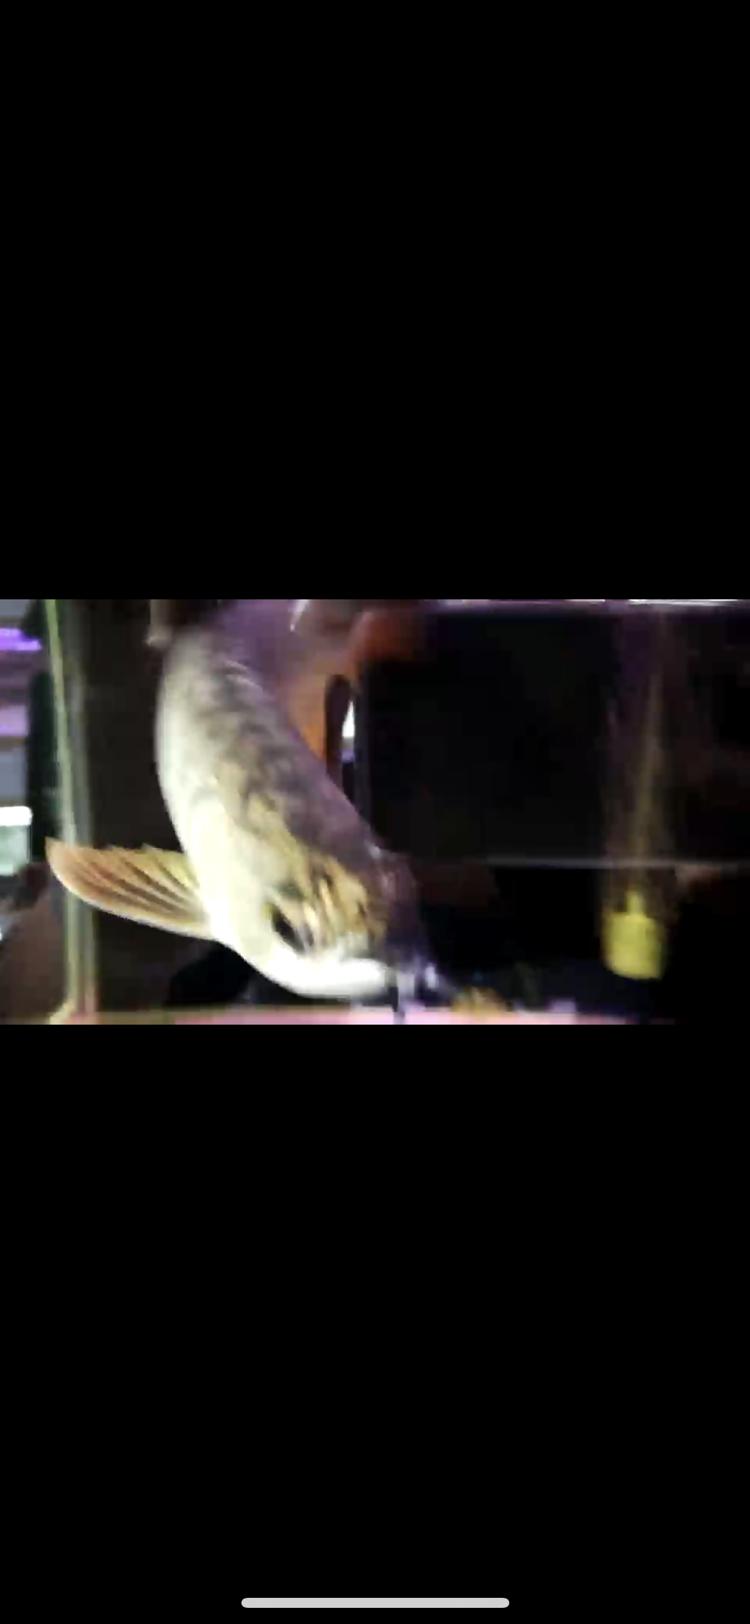 【西安豹纹夫】这只轻微掉眼的头全金龙鱼值不值 西安龙鱼论坛 西安博特第8张